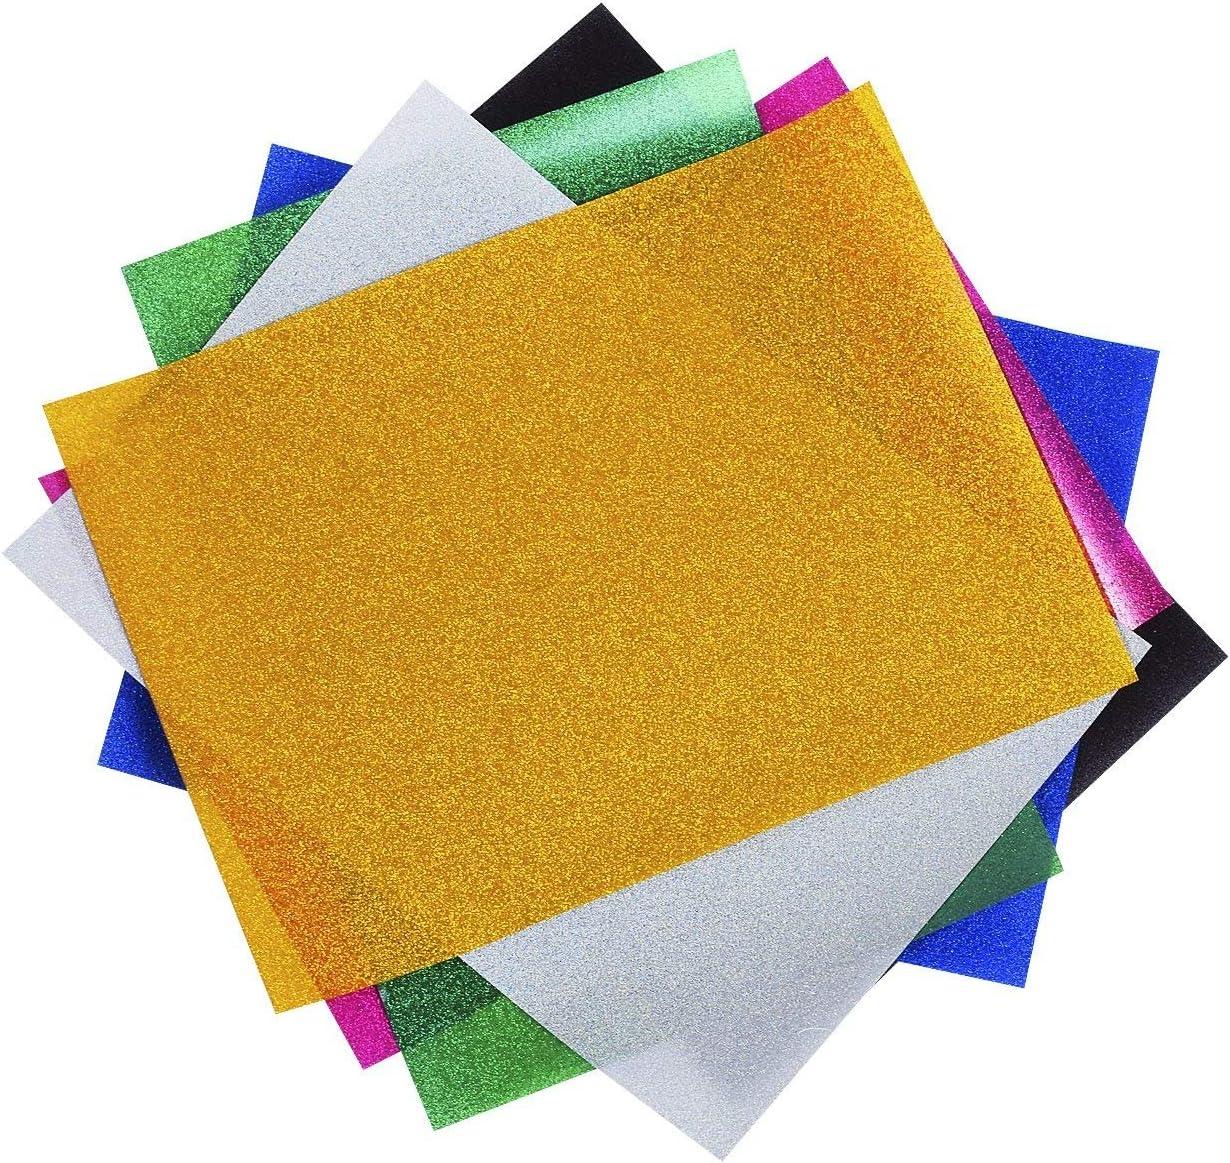 Papel para tejidos de transferencia térmica brillante para hacer camisetas, papel fotográfico para impresión en camiseta y tela A4 6 hojas: Amazon.es: Oficina y papelería